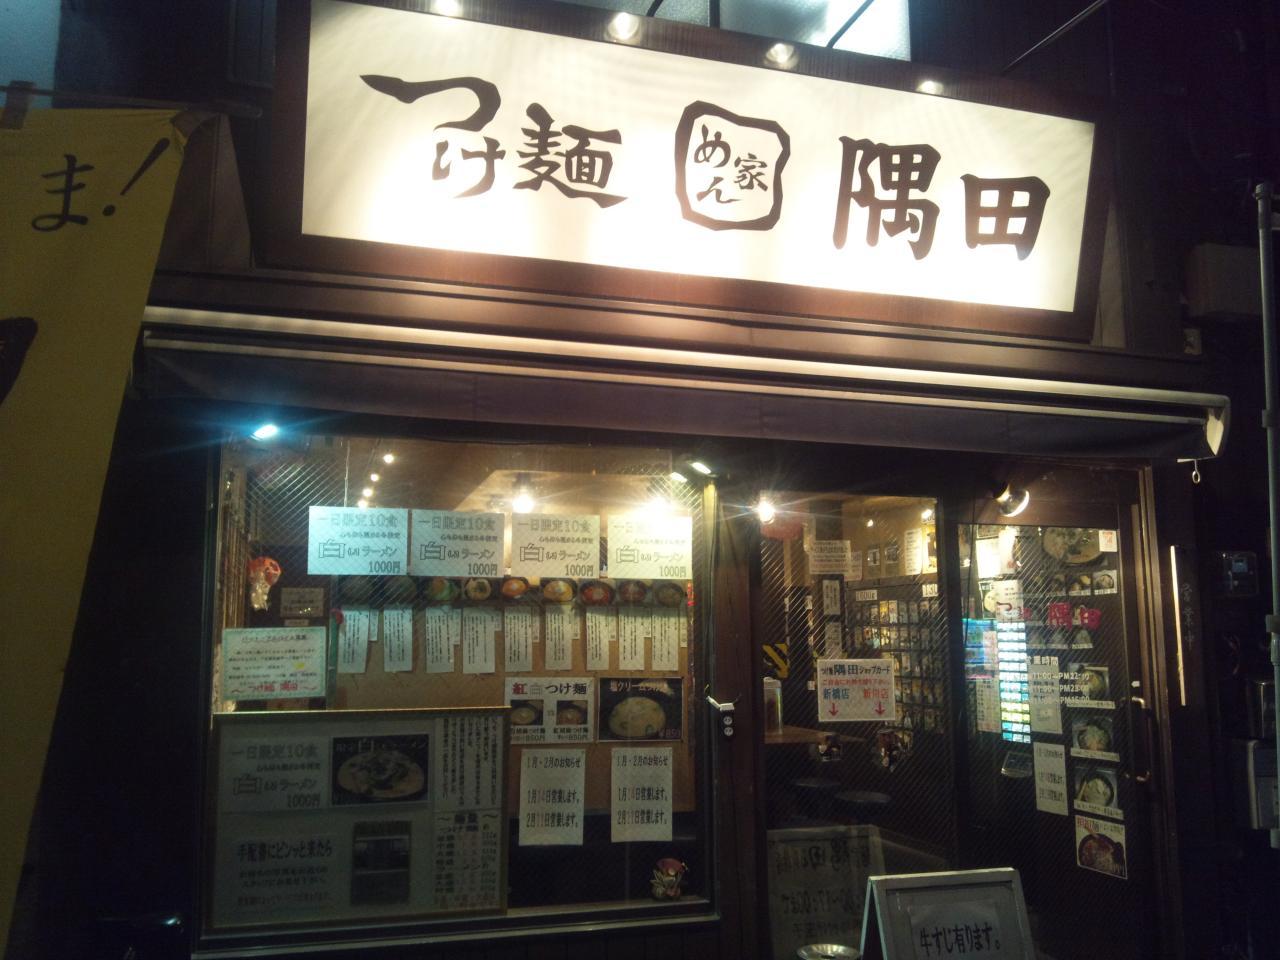 つけ麺隅田西新橋店(店舗外観)